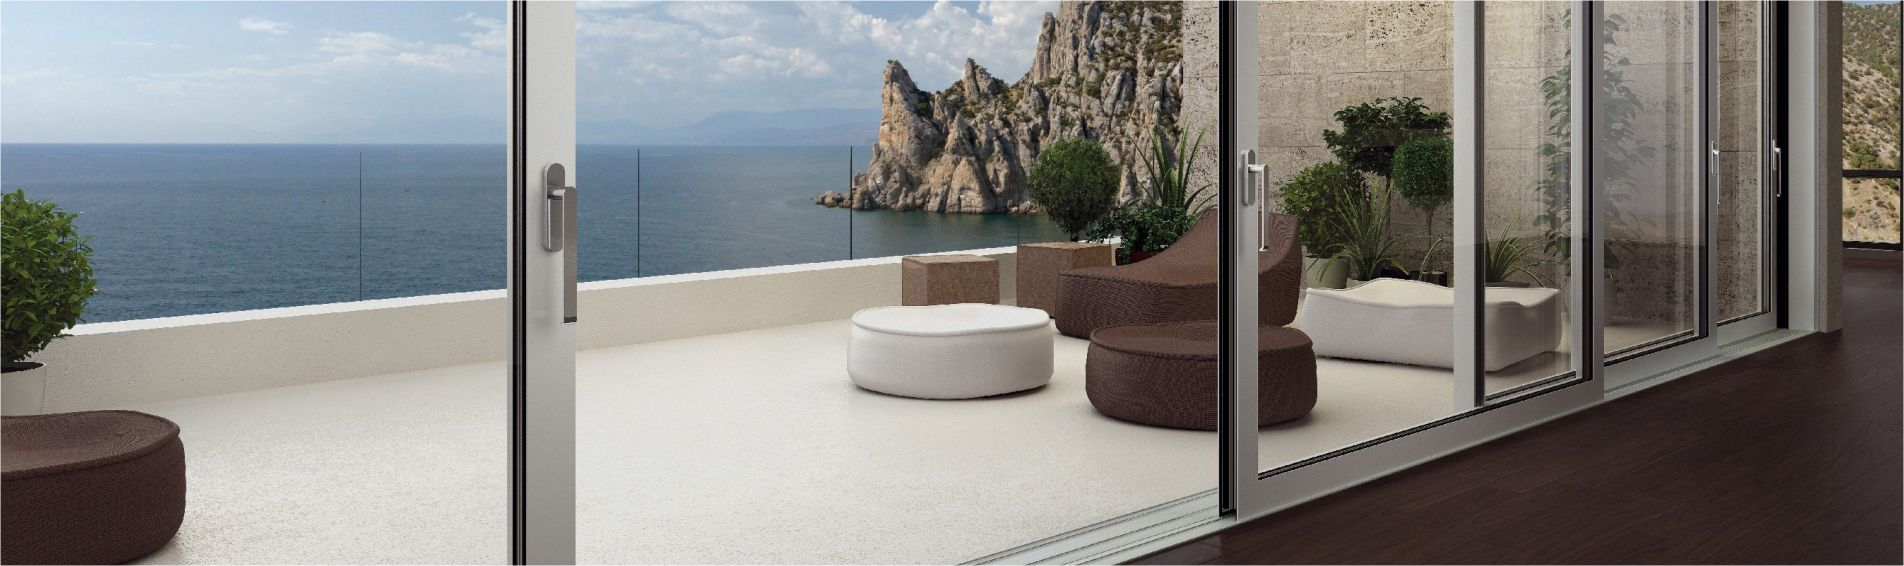 S700 balcony view